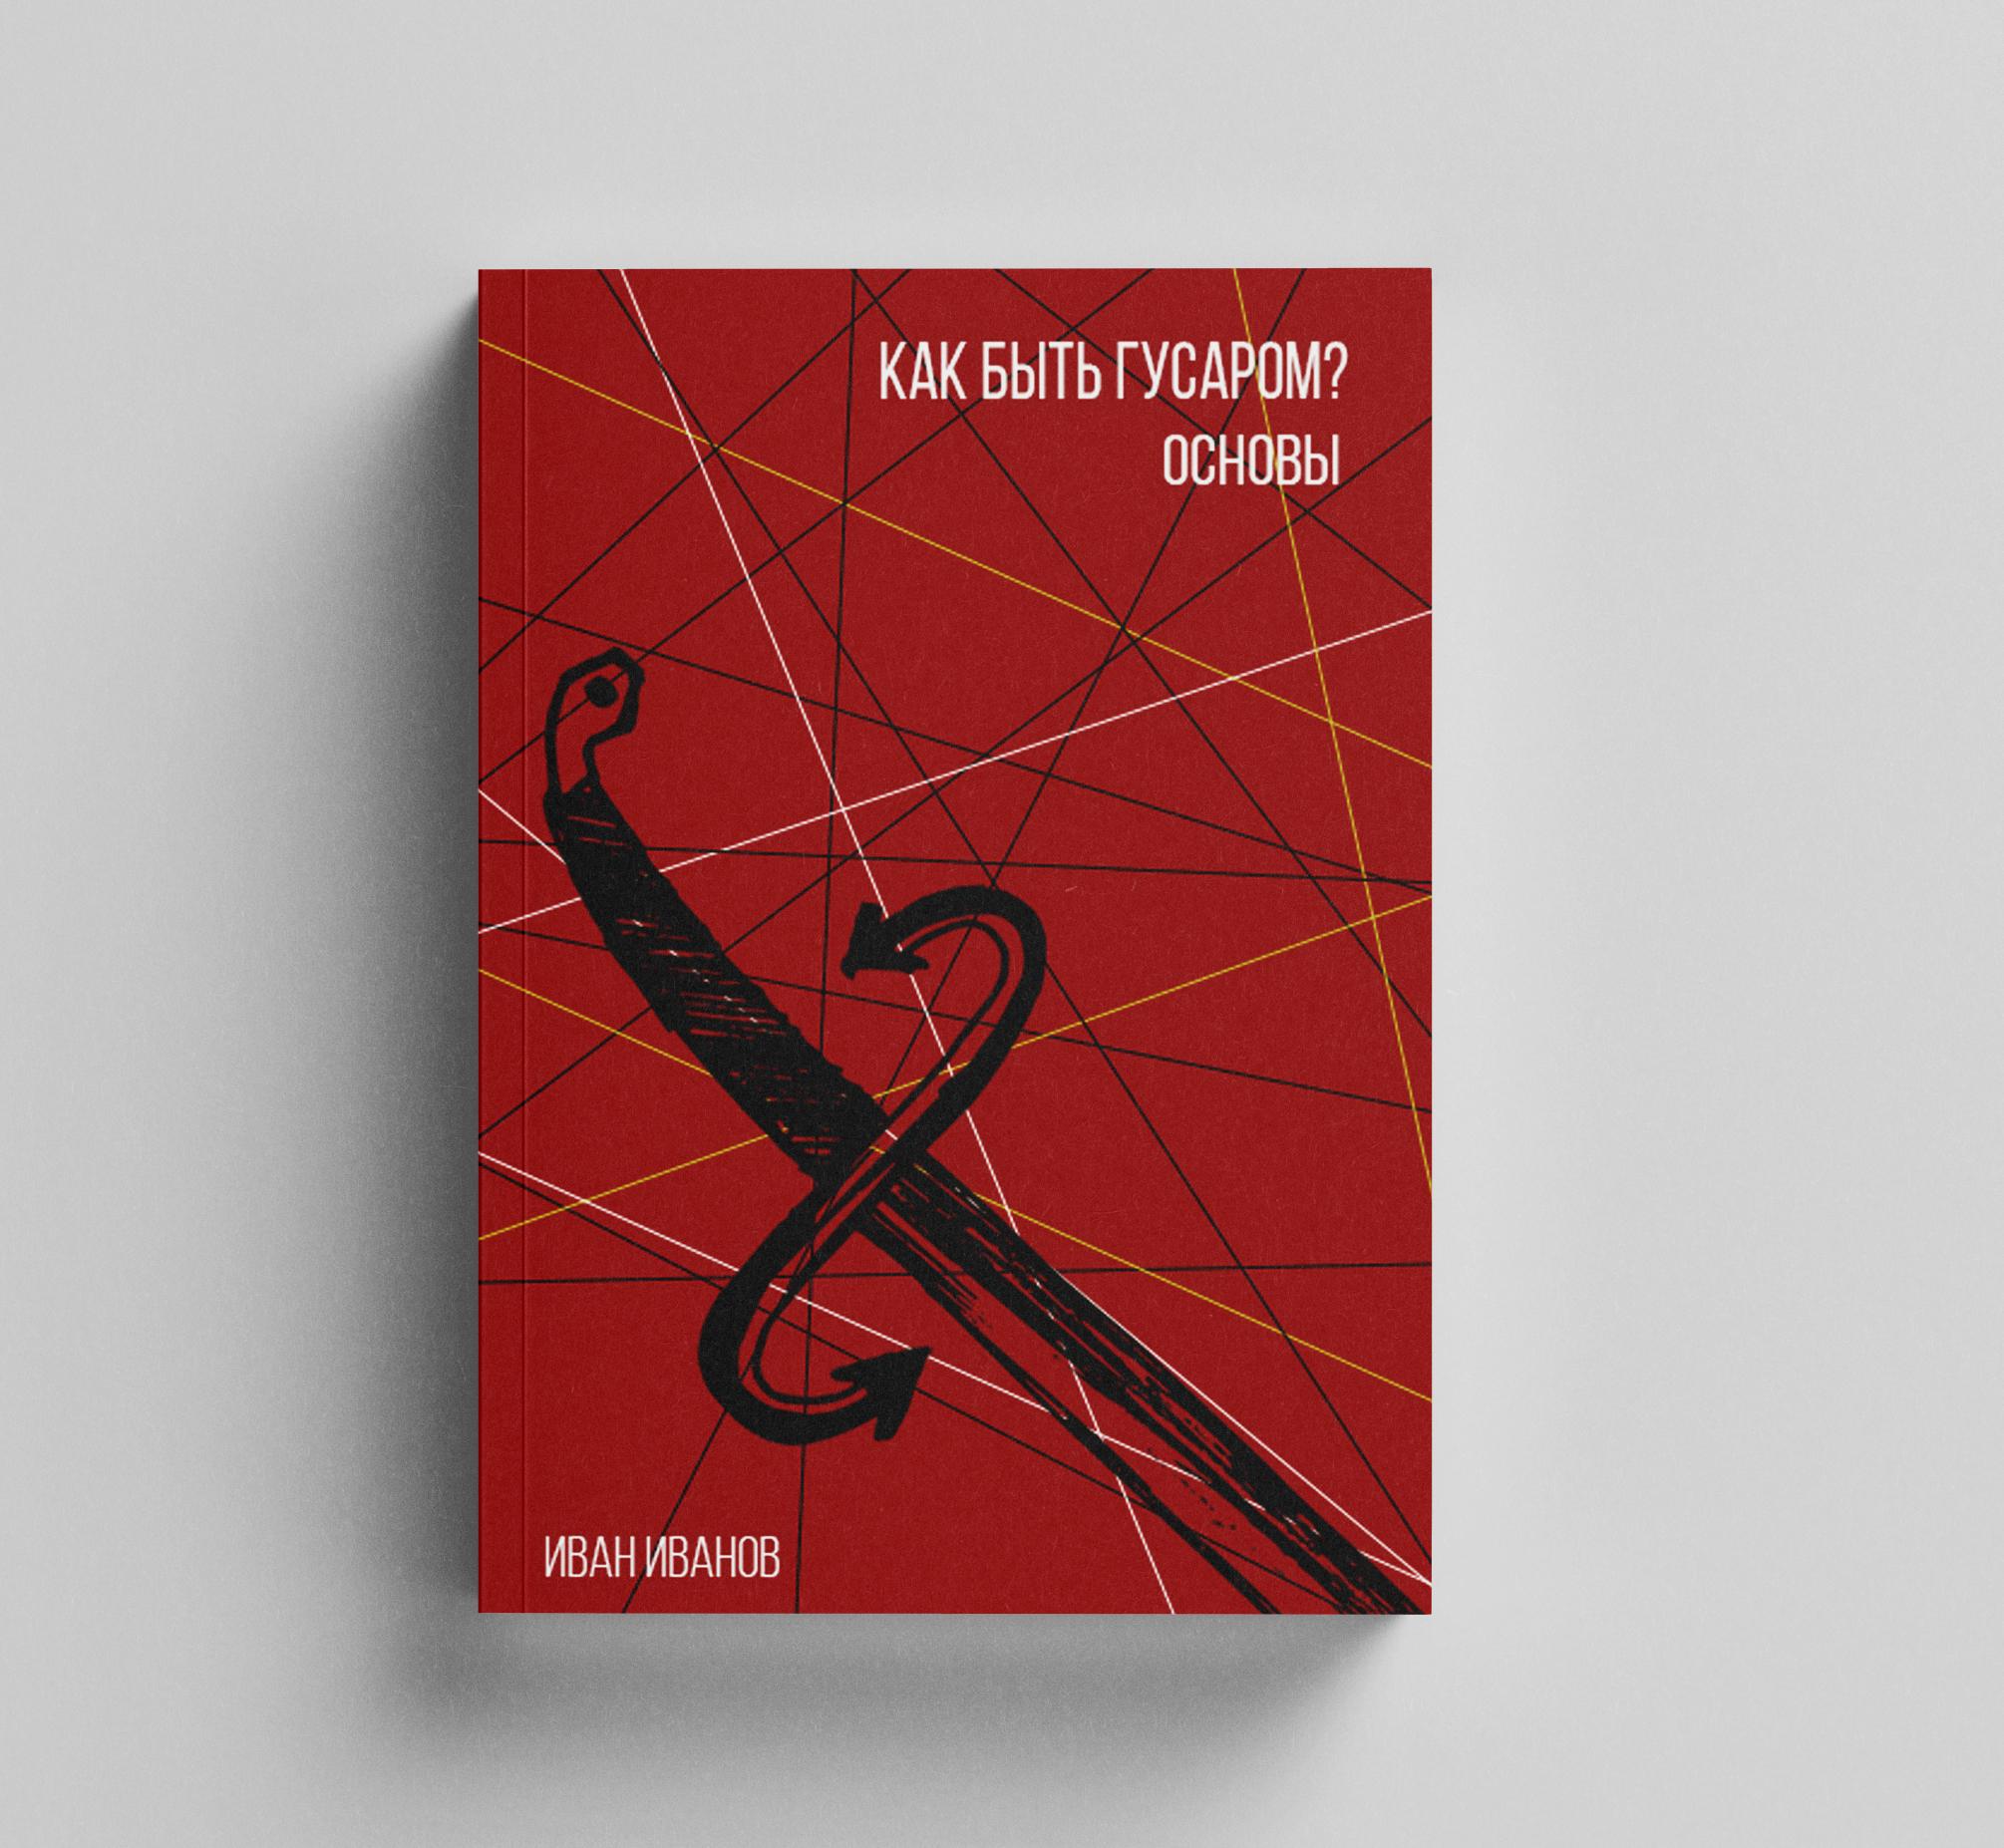 Обложка книги  фото f_2095fb508660f848.jpg